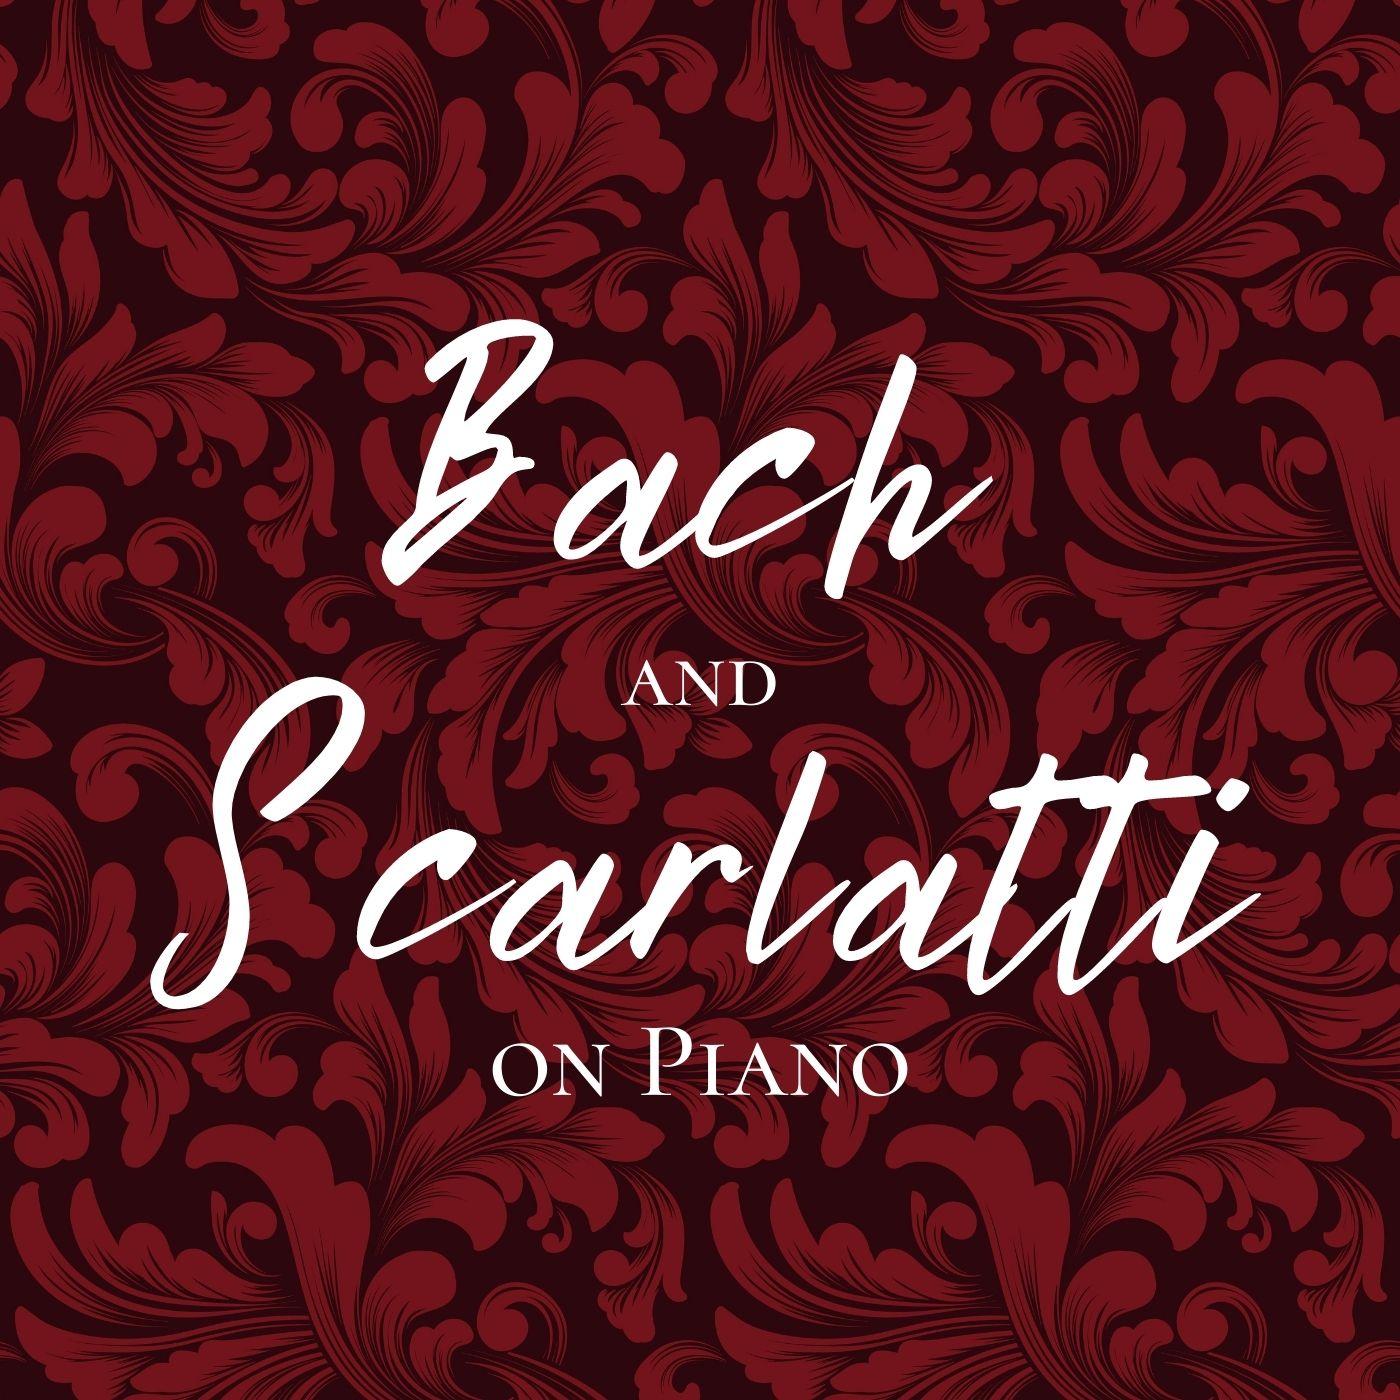 Bach and Scarlatti to the Piano